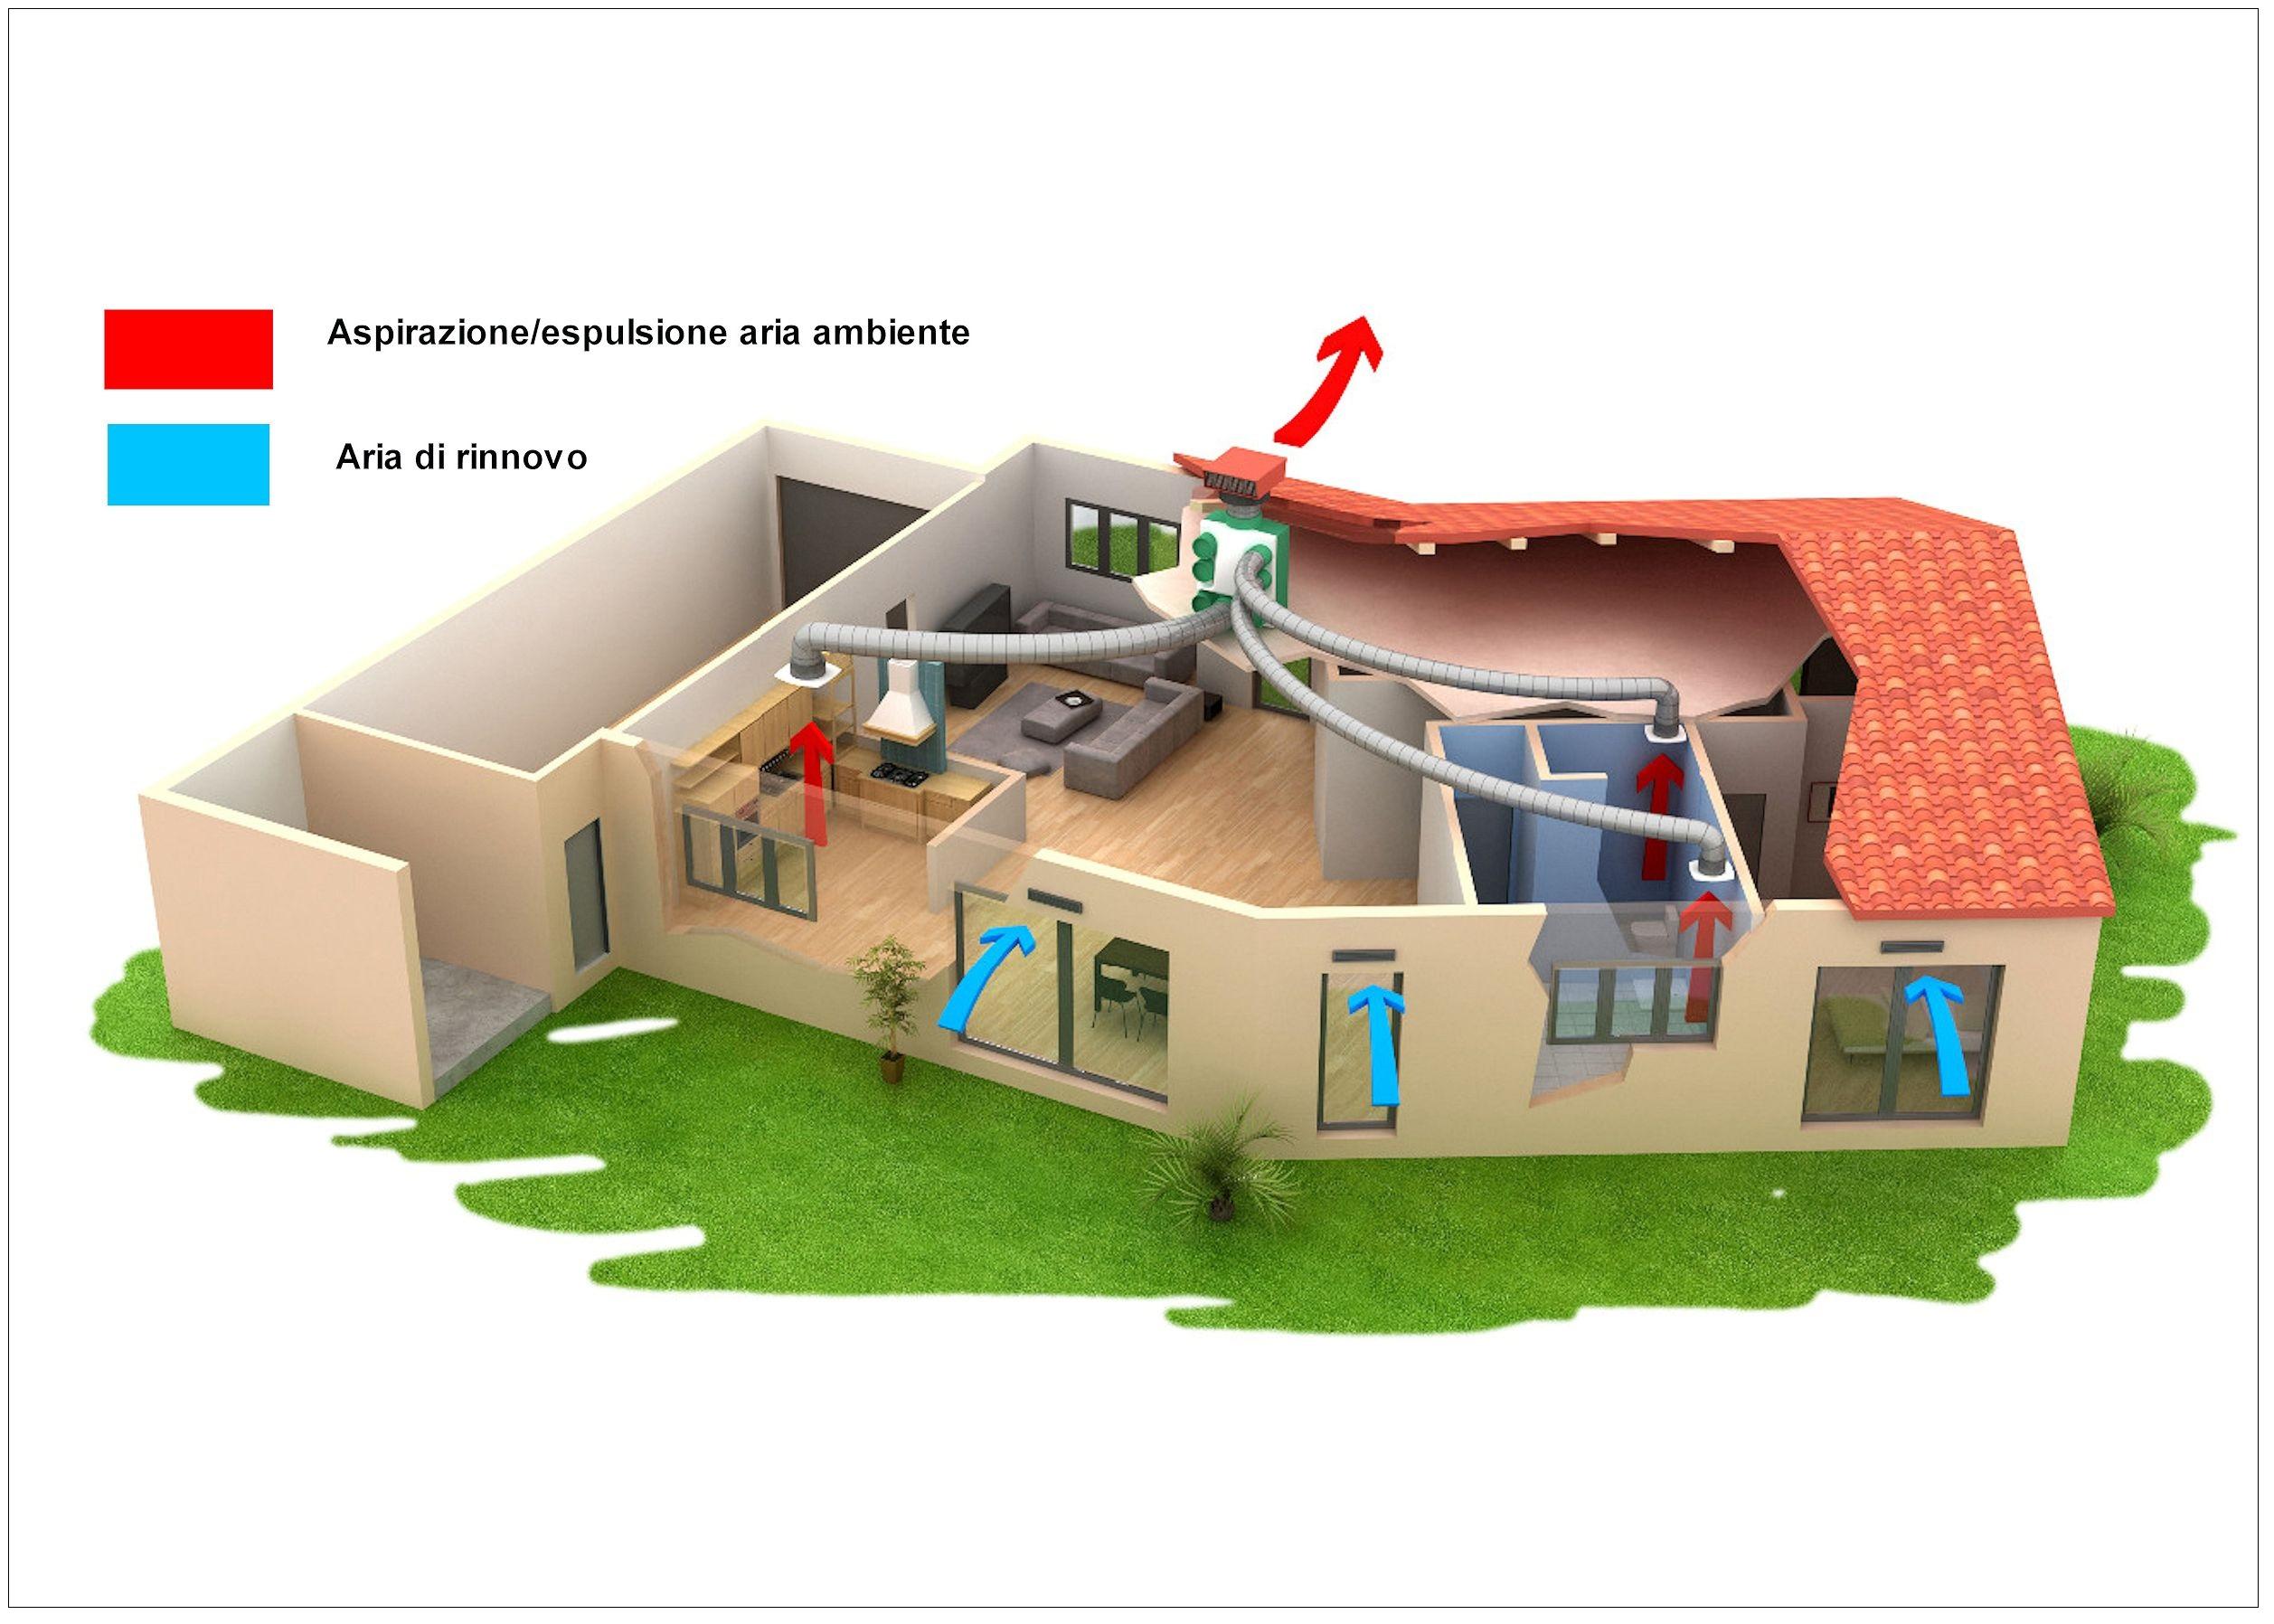 Emejing ventilazione forzata bagno ideas idee - Aspirazione forzata bagno ...